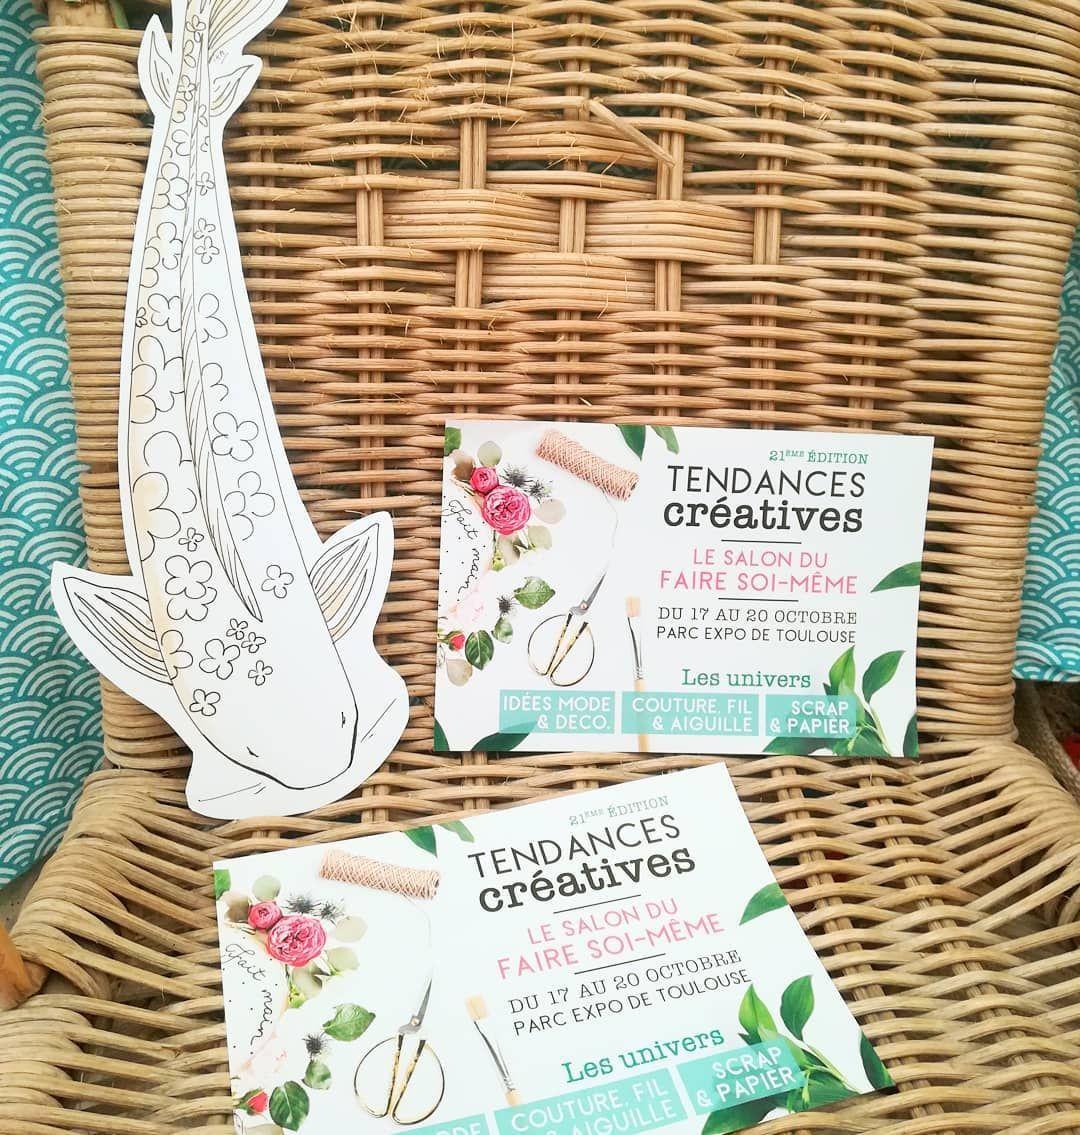 CONCOURS !!!!! J'ai 2 invitées dans mon atelier... Et je vous propose de les gagner !! Et je rajoute dans la boîte cadeau un bon de 12€ pour un atelier avec moi (valable 1 an, adulte ou enfant, en dessin et peinture naturelle) ✨✨✨ Pour participer et tenter de remporter ces 2 entrées au Salon Tendances Créatives de Toulouse qui aura lieu du 17 au 20 octobre 2019 : - liker les comptes du Salon @tendancescreatives, de @lovelybulle, le mien @ika.atelier31 et celui de l'asso pour les atel #peinturesalontendance